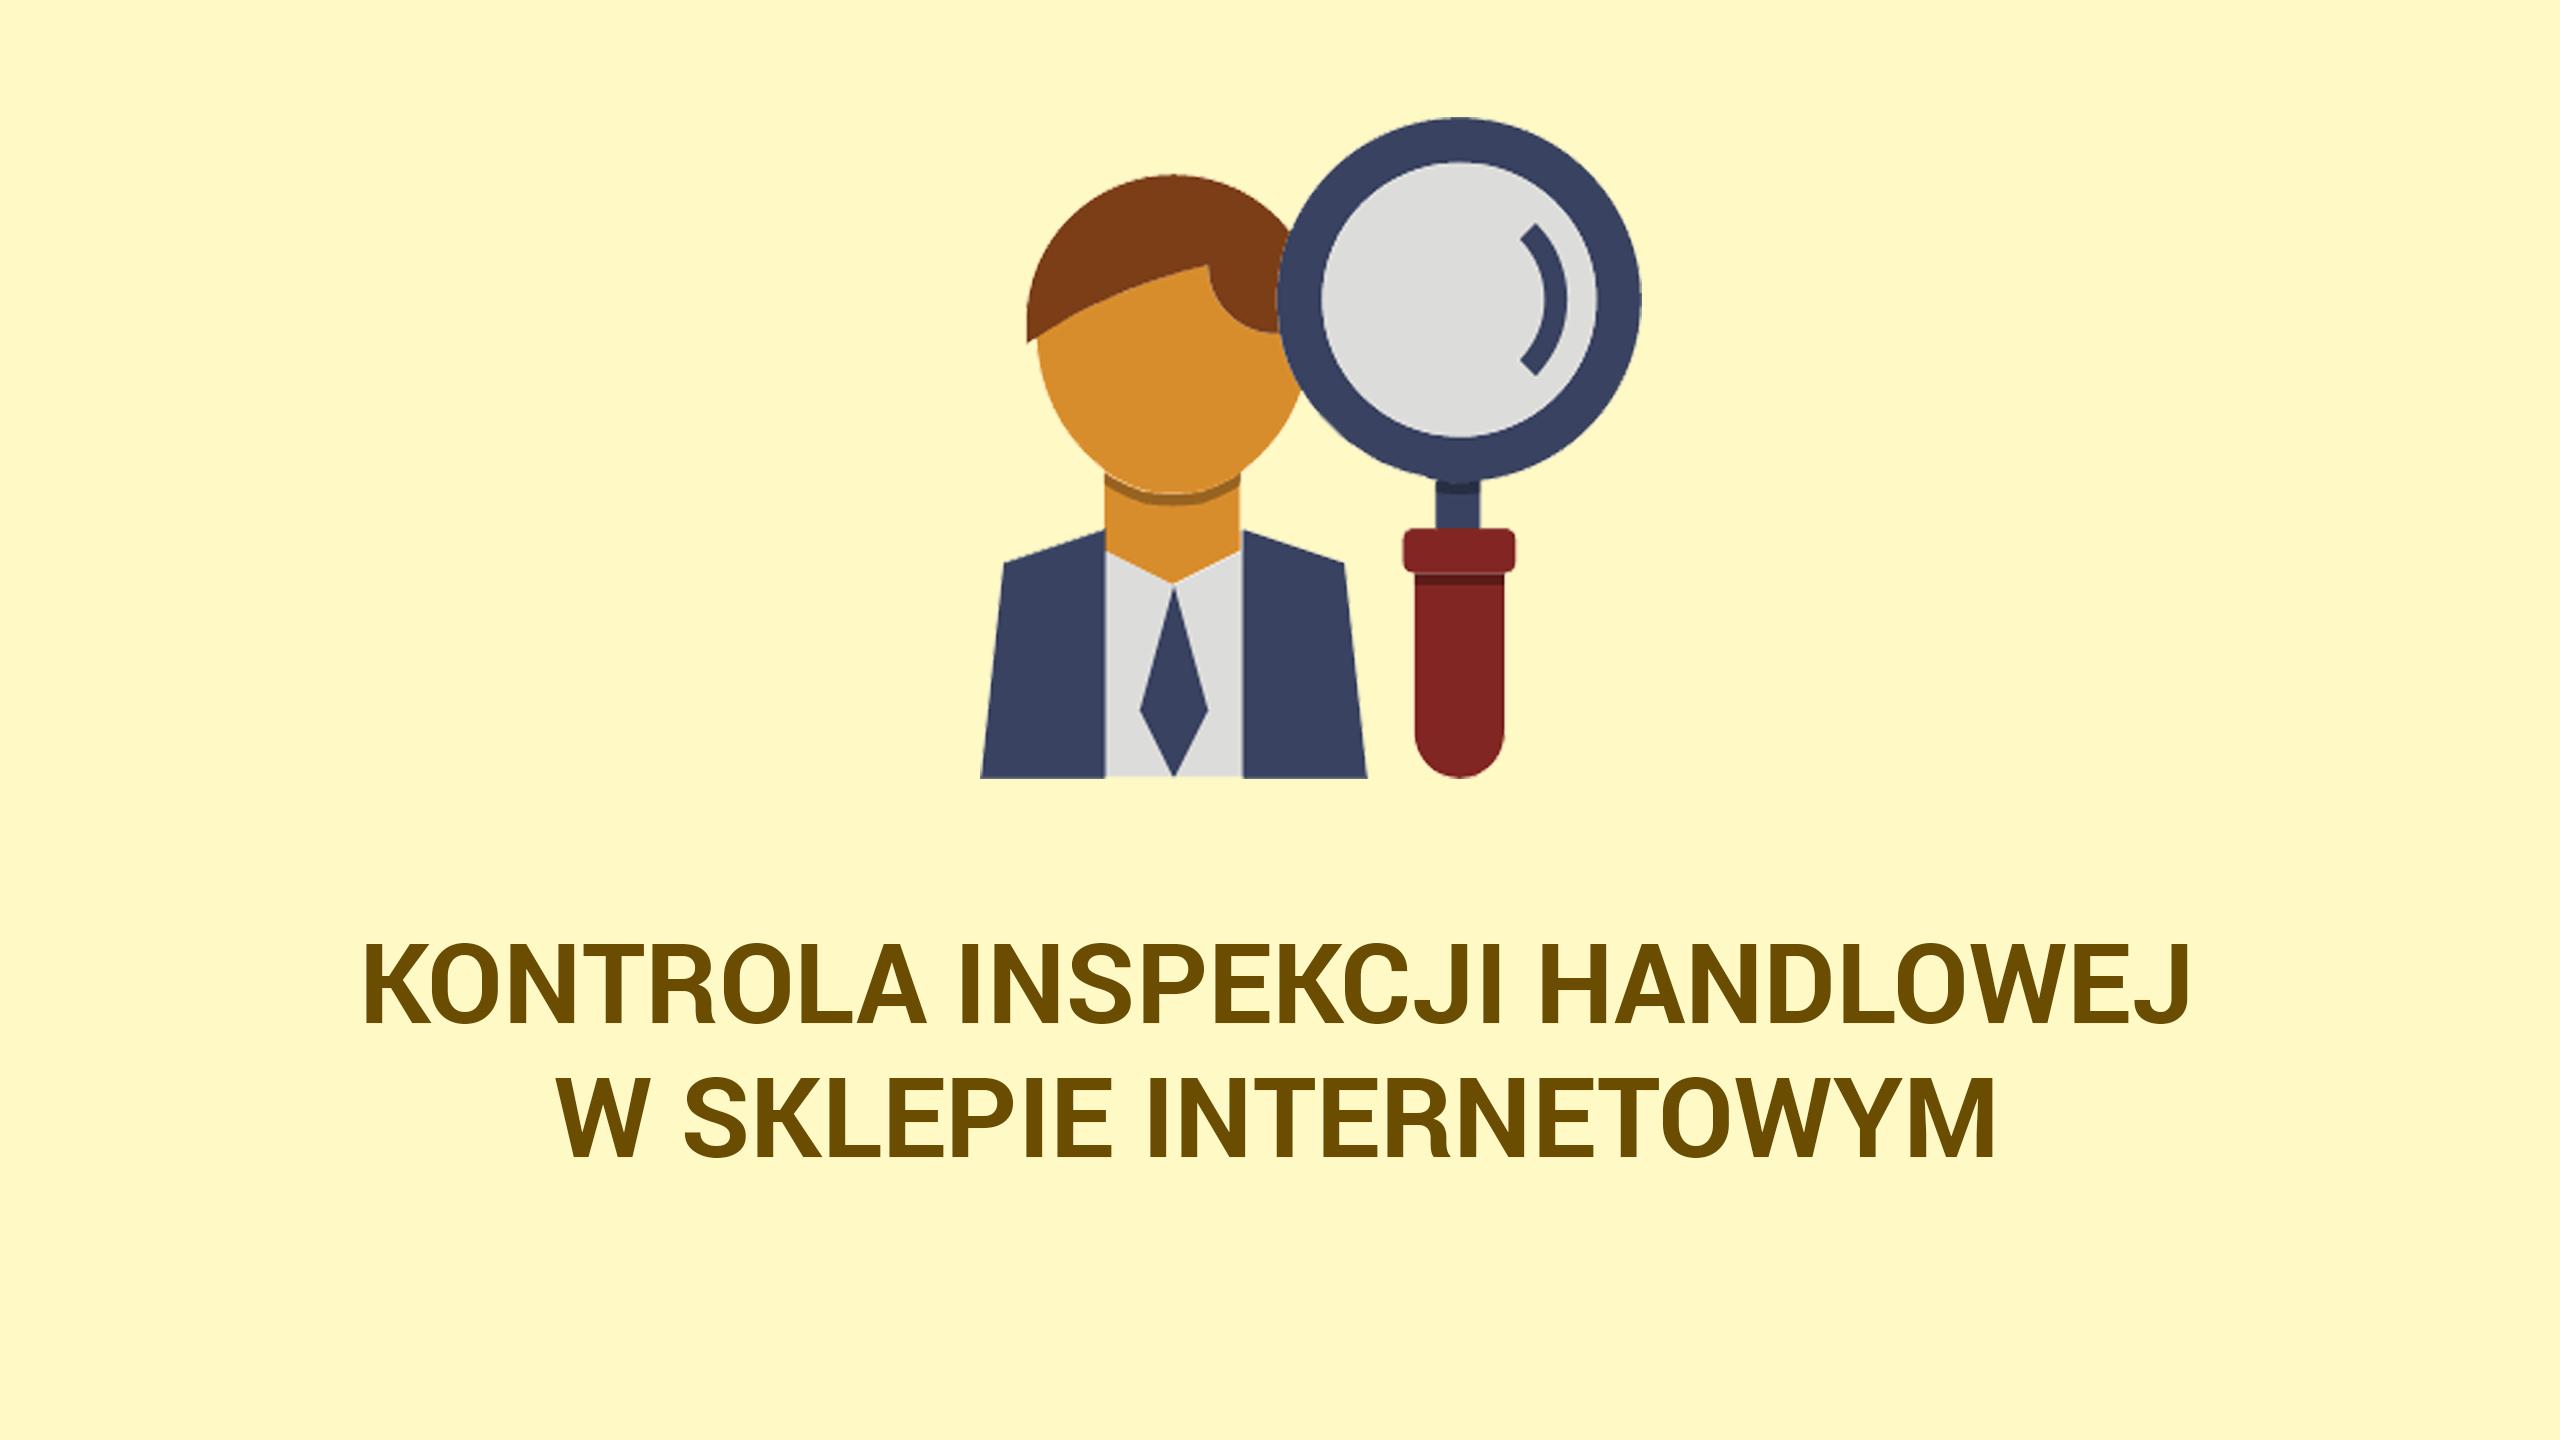 inspekcja handlowa w sklepie internetowym